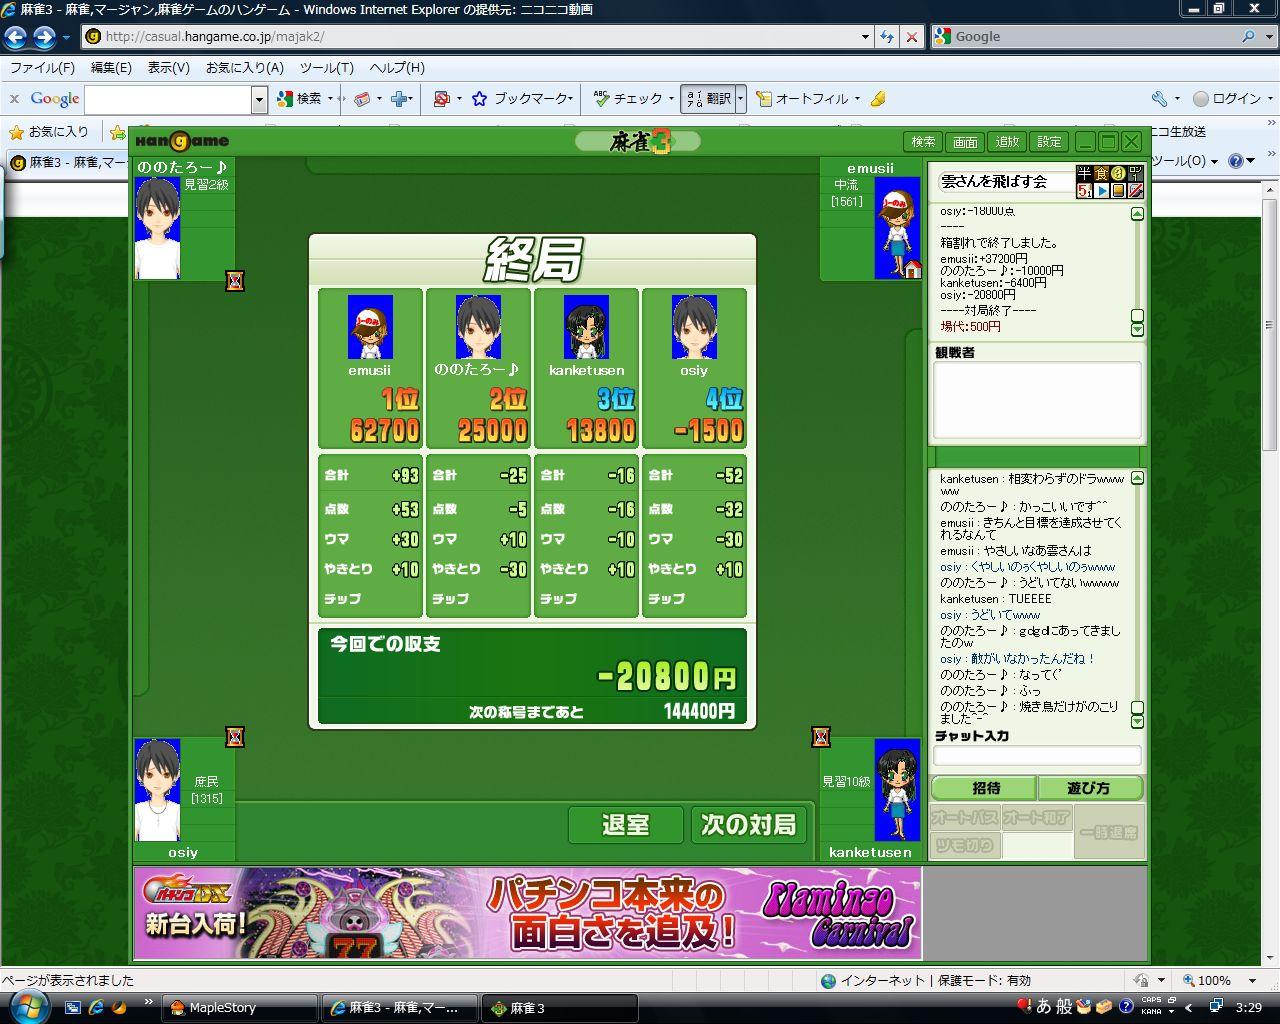 warosuwarosu.jpg